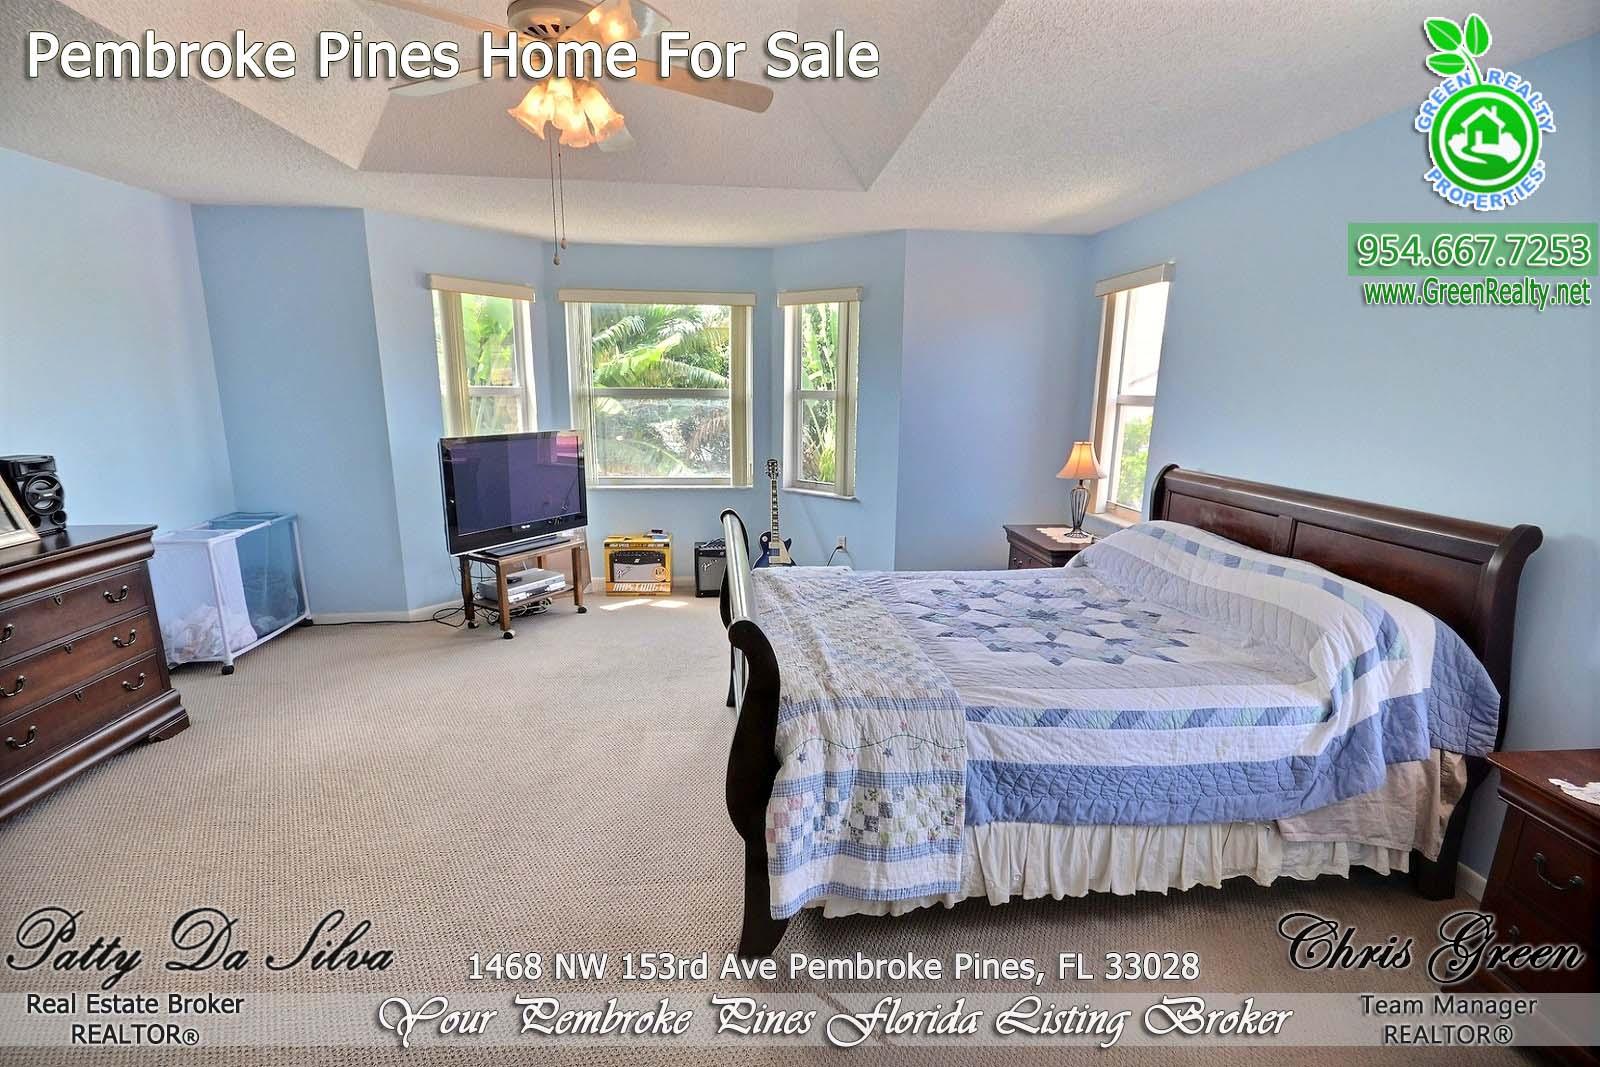 17 Patty Da SIlva SELLS Pembroke Pines Homes (3)